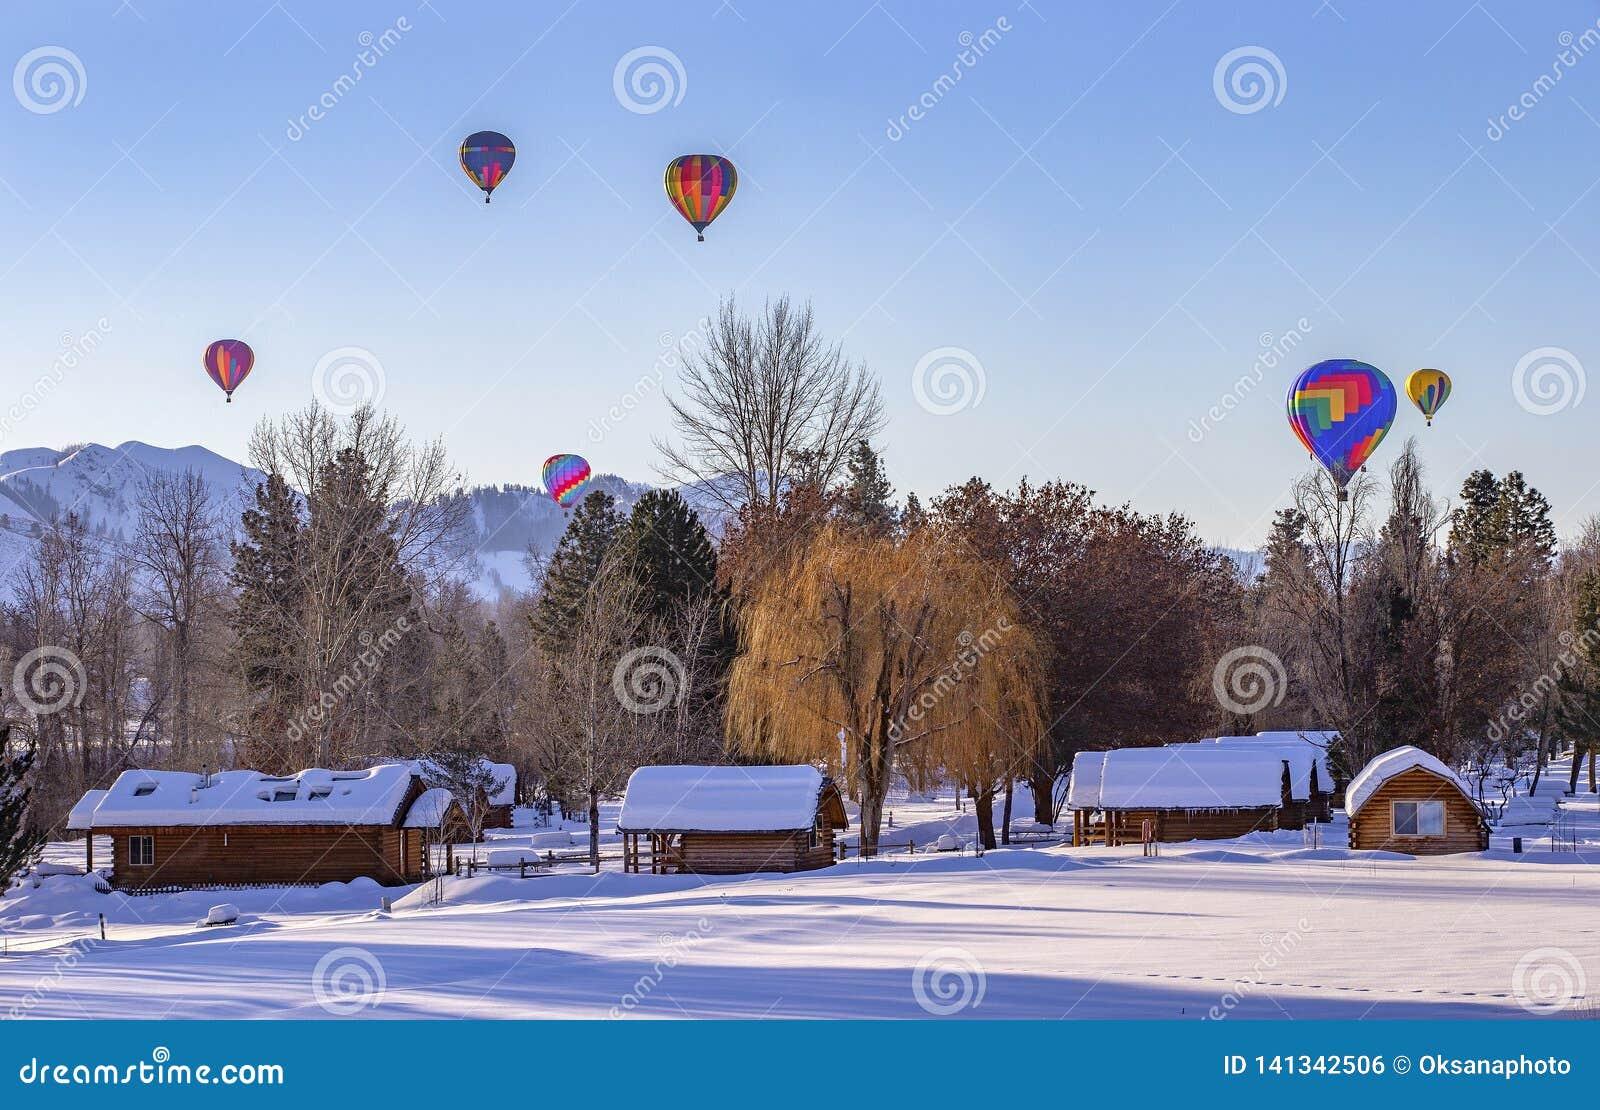 Hete luchtballons in de sneeuw